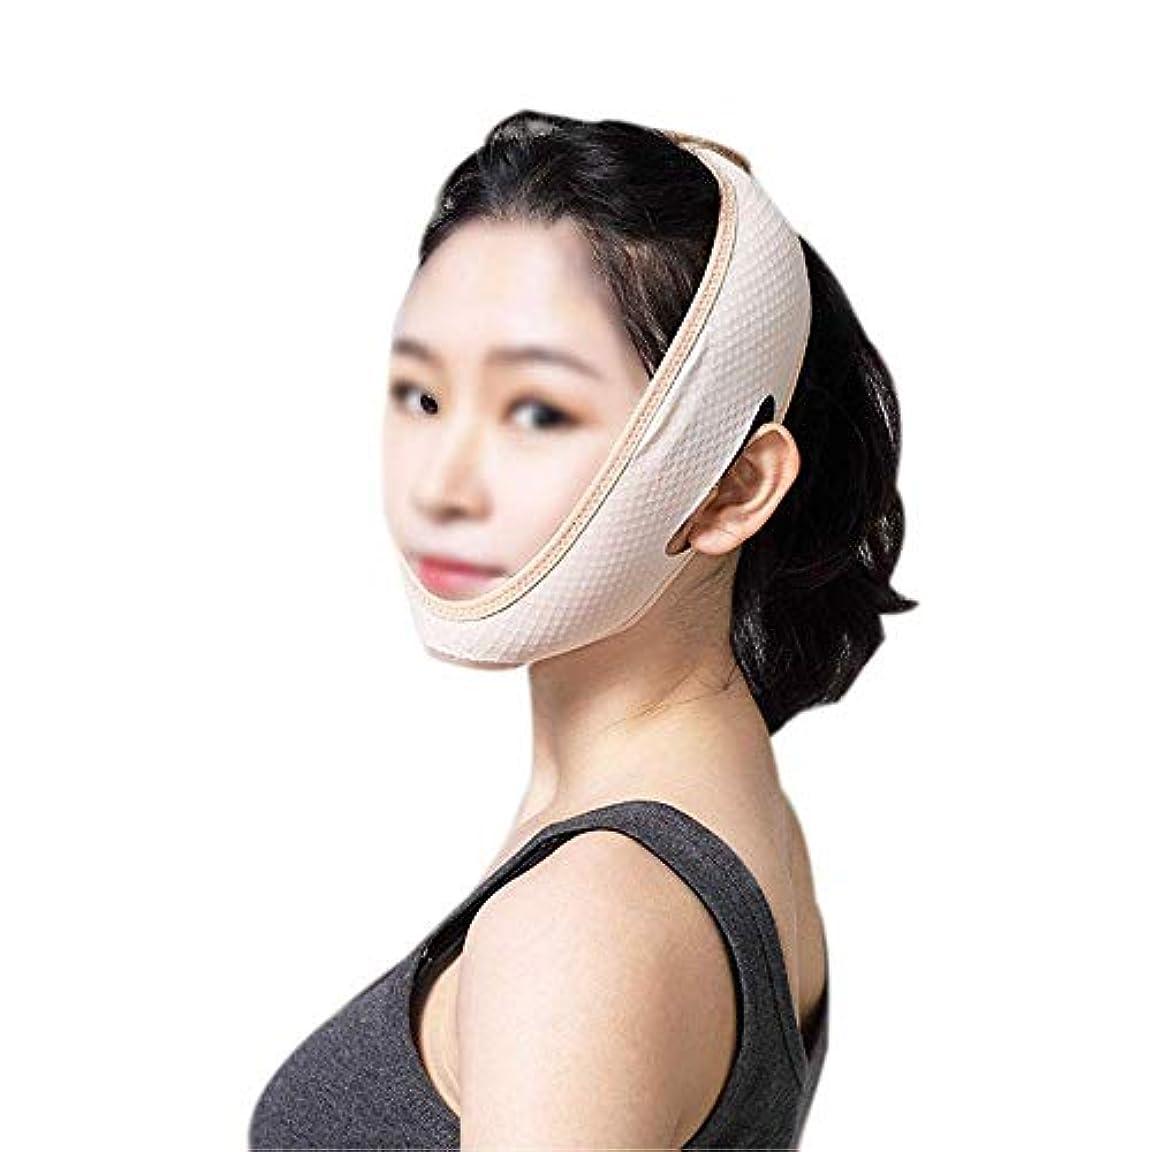 家禽ポルティコ雄弁なフェイスリフティングバンデージ、肌の引き締めを強化する薄いフェイスマスクの睡眠、ダブルチンマスクの削減